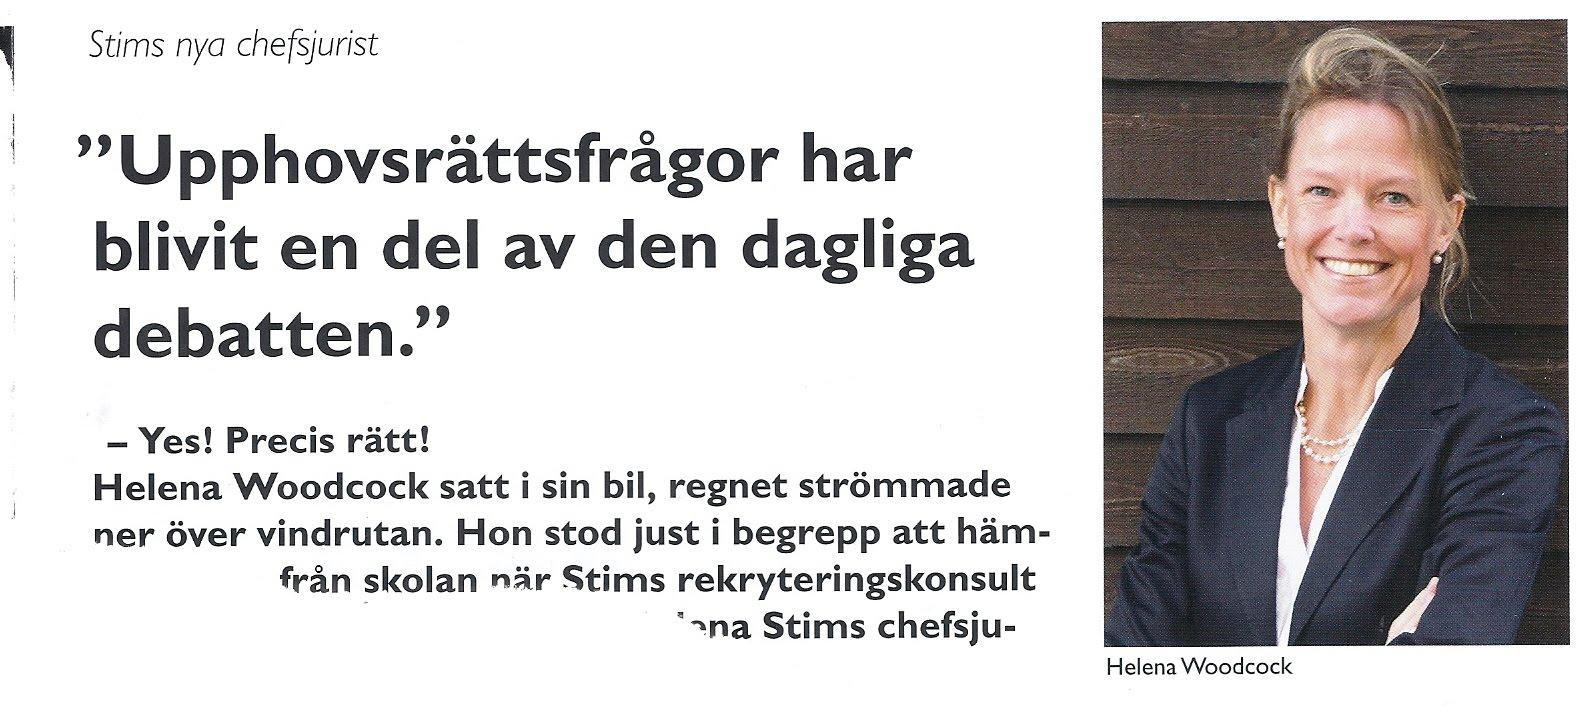 Svenska porfilm sexig porr